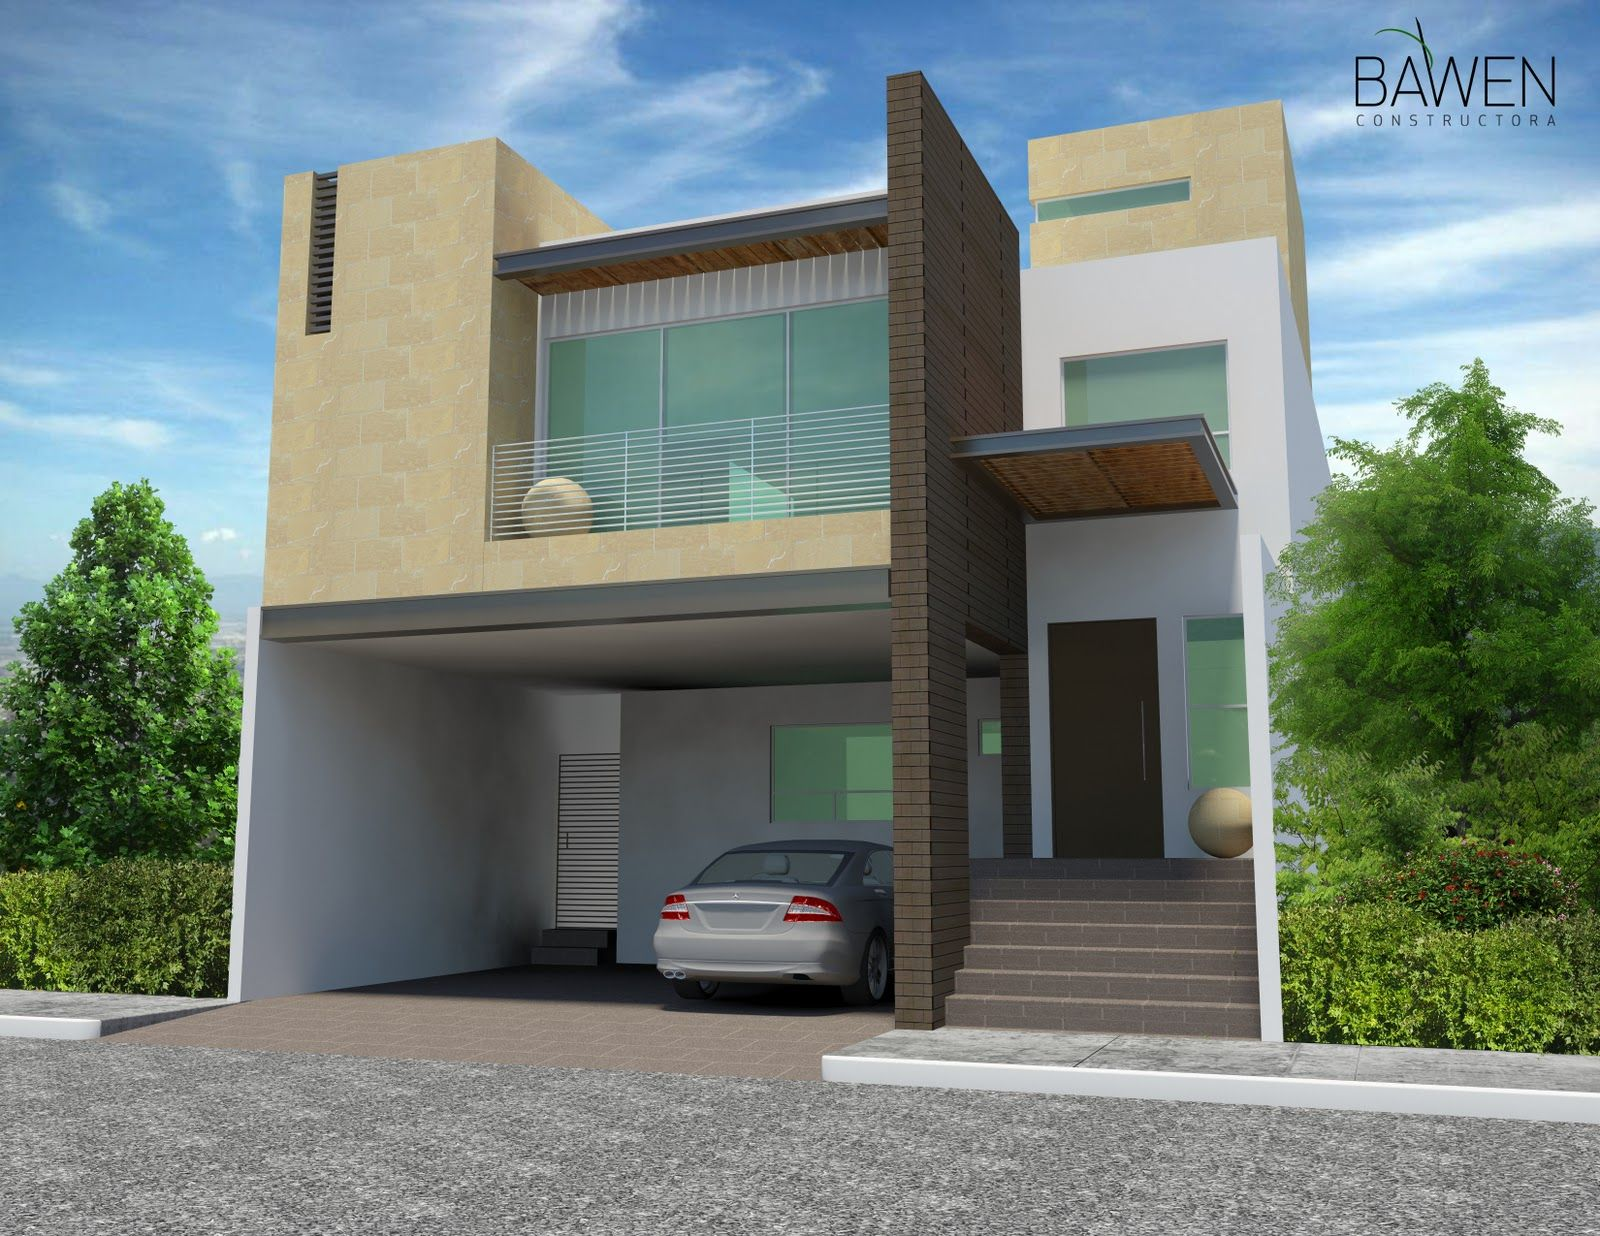 Renders fachadas casas modernas genuardis portal casa for Fachadas de casas modernas puerto rico